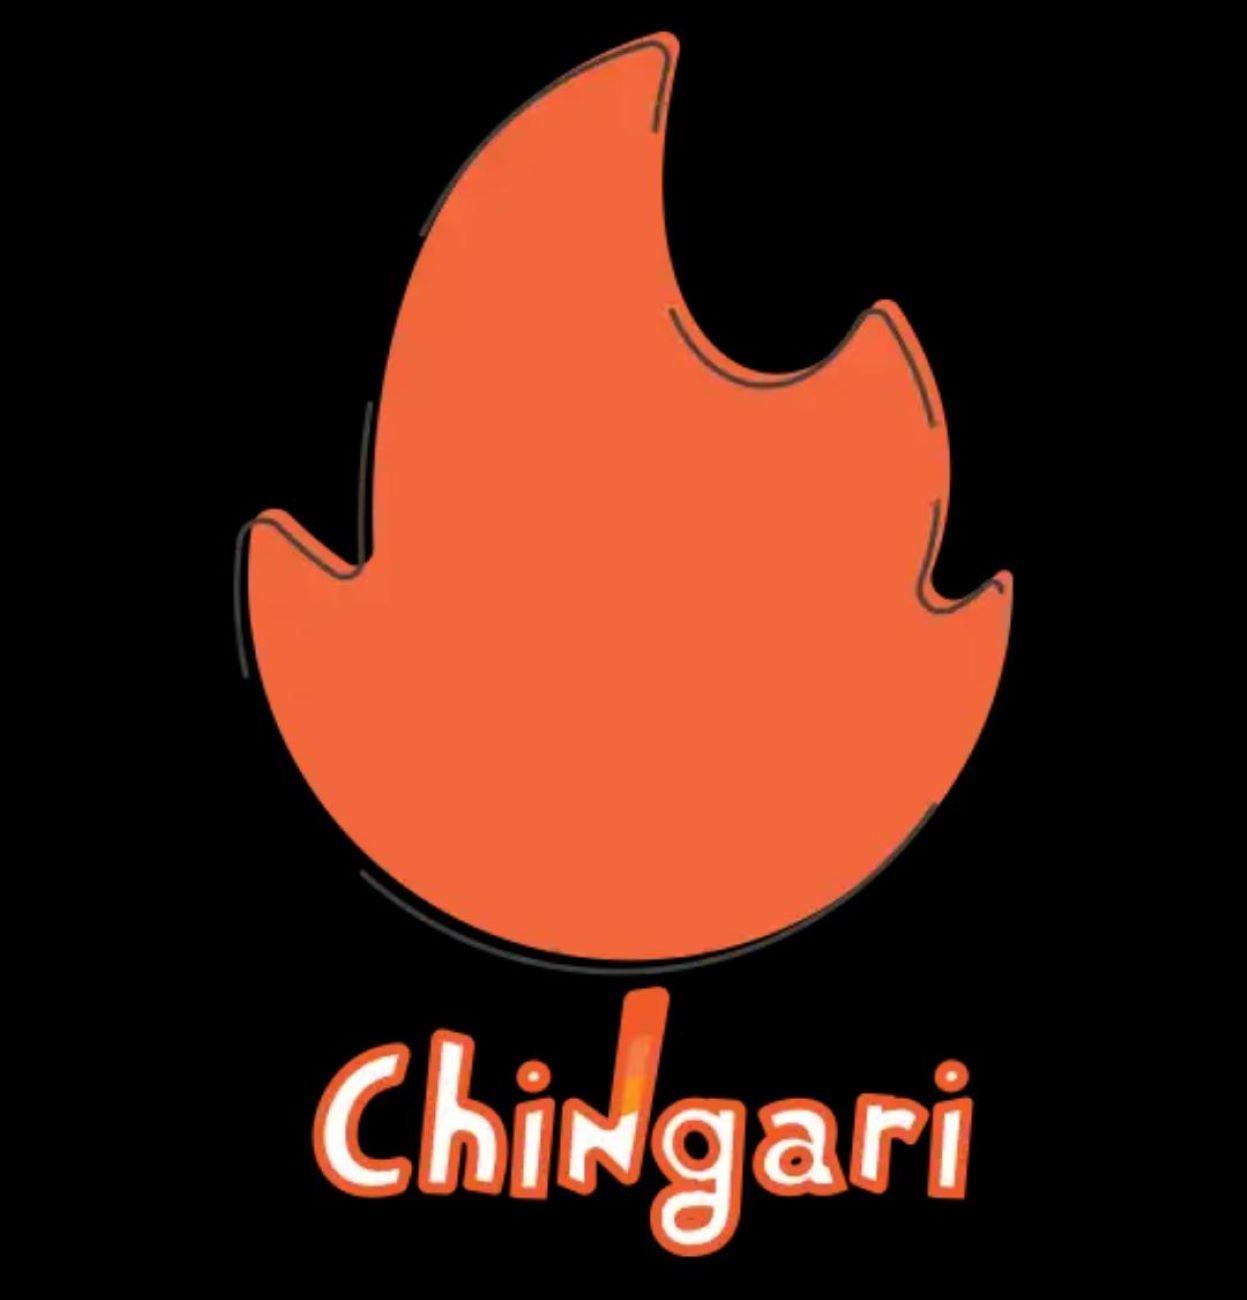 Pin On Chingari Invite Code